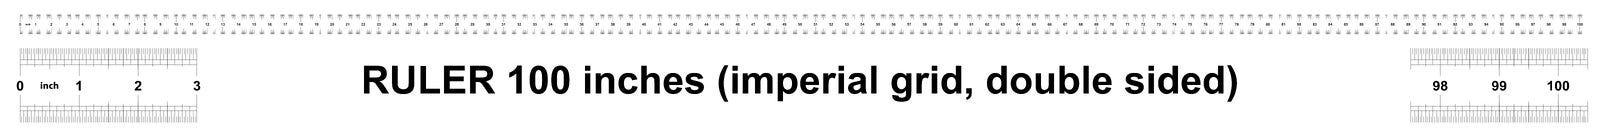 Правитель 100 дюймов имперский Цена разделения 1/32 дюймов Двойник правителя встал на сторону Точный измеряя инструмент Решетка т иллюстрация вектора